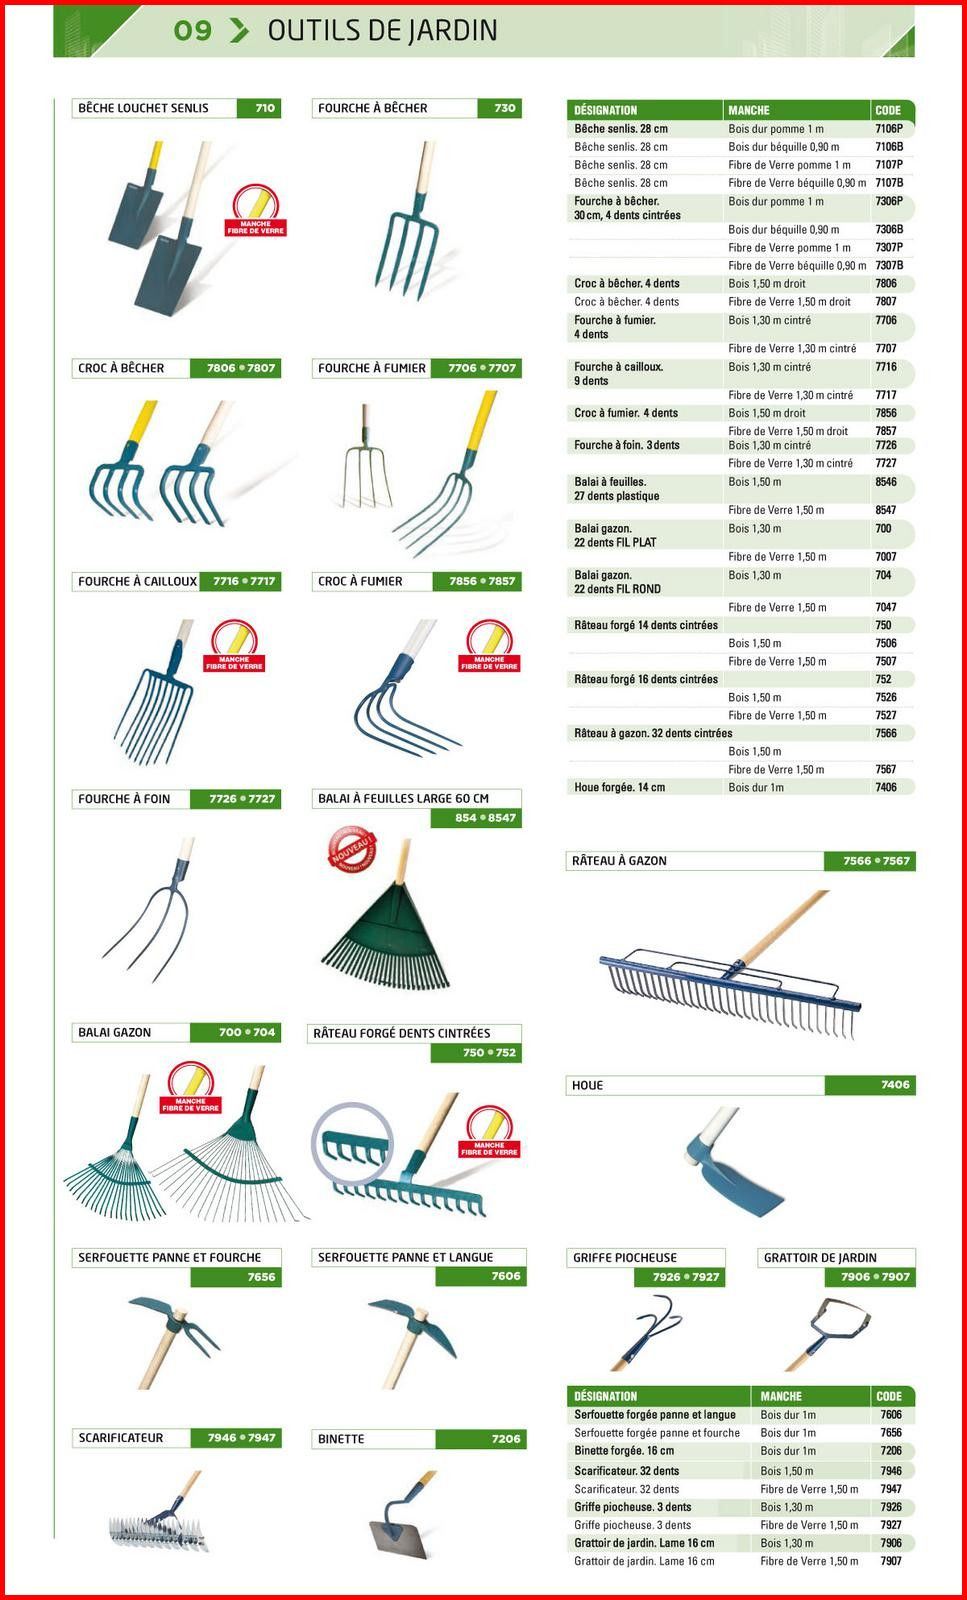 Les Outils De Jardinage Avec Photos outils de jardin 571936 catalogue de jardinage outil de